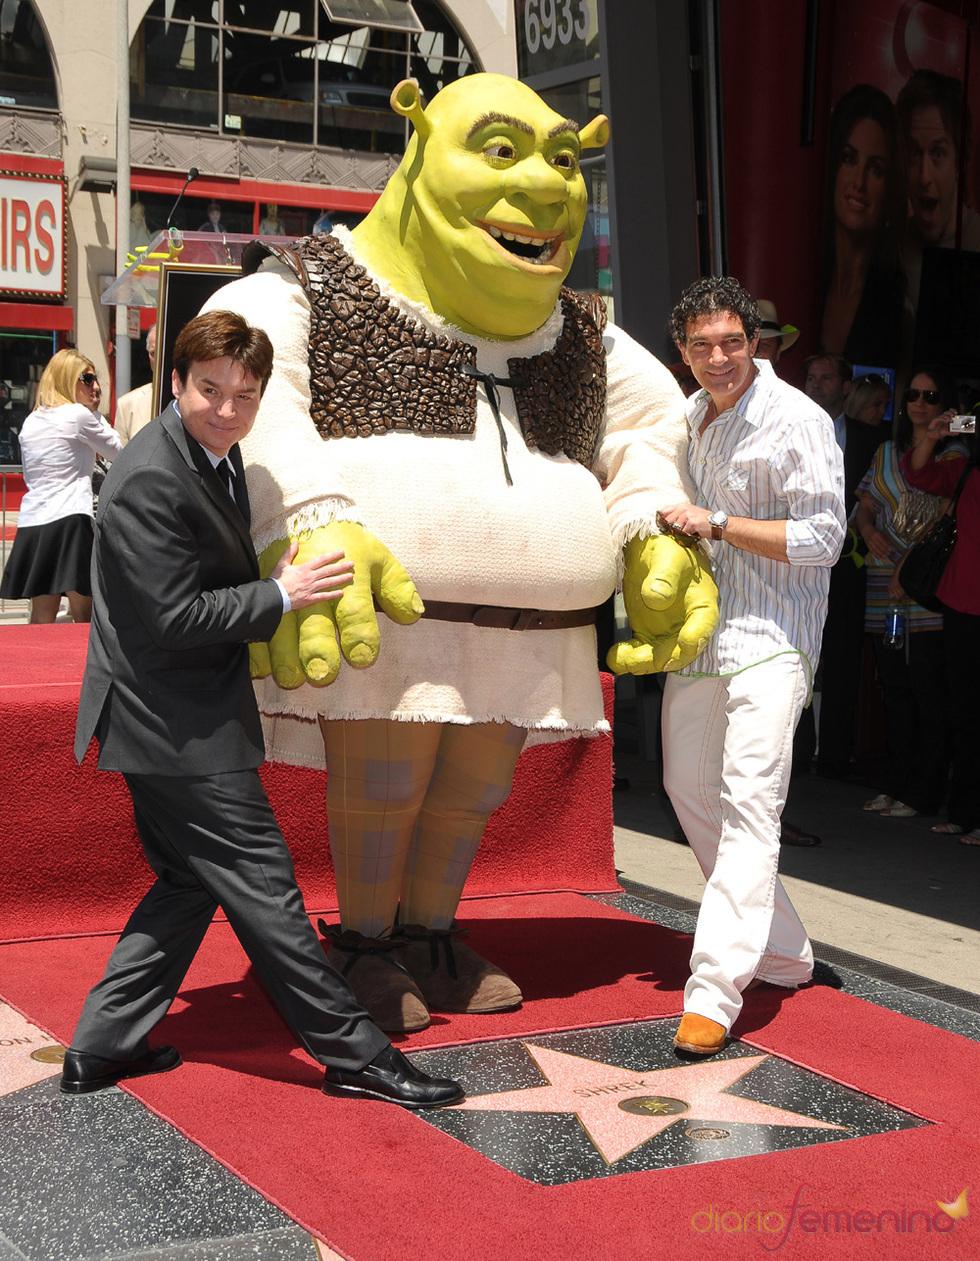 Antonio Banderas entrega la estrella de la fama a Shrek